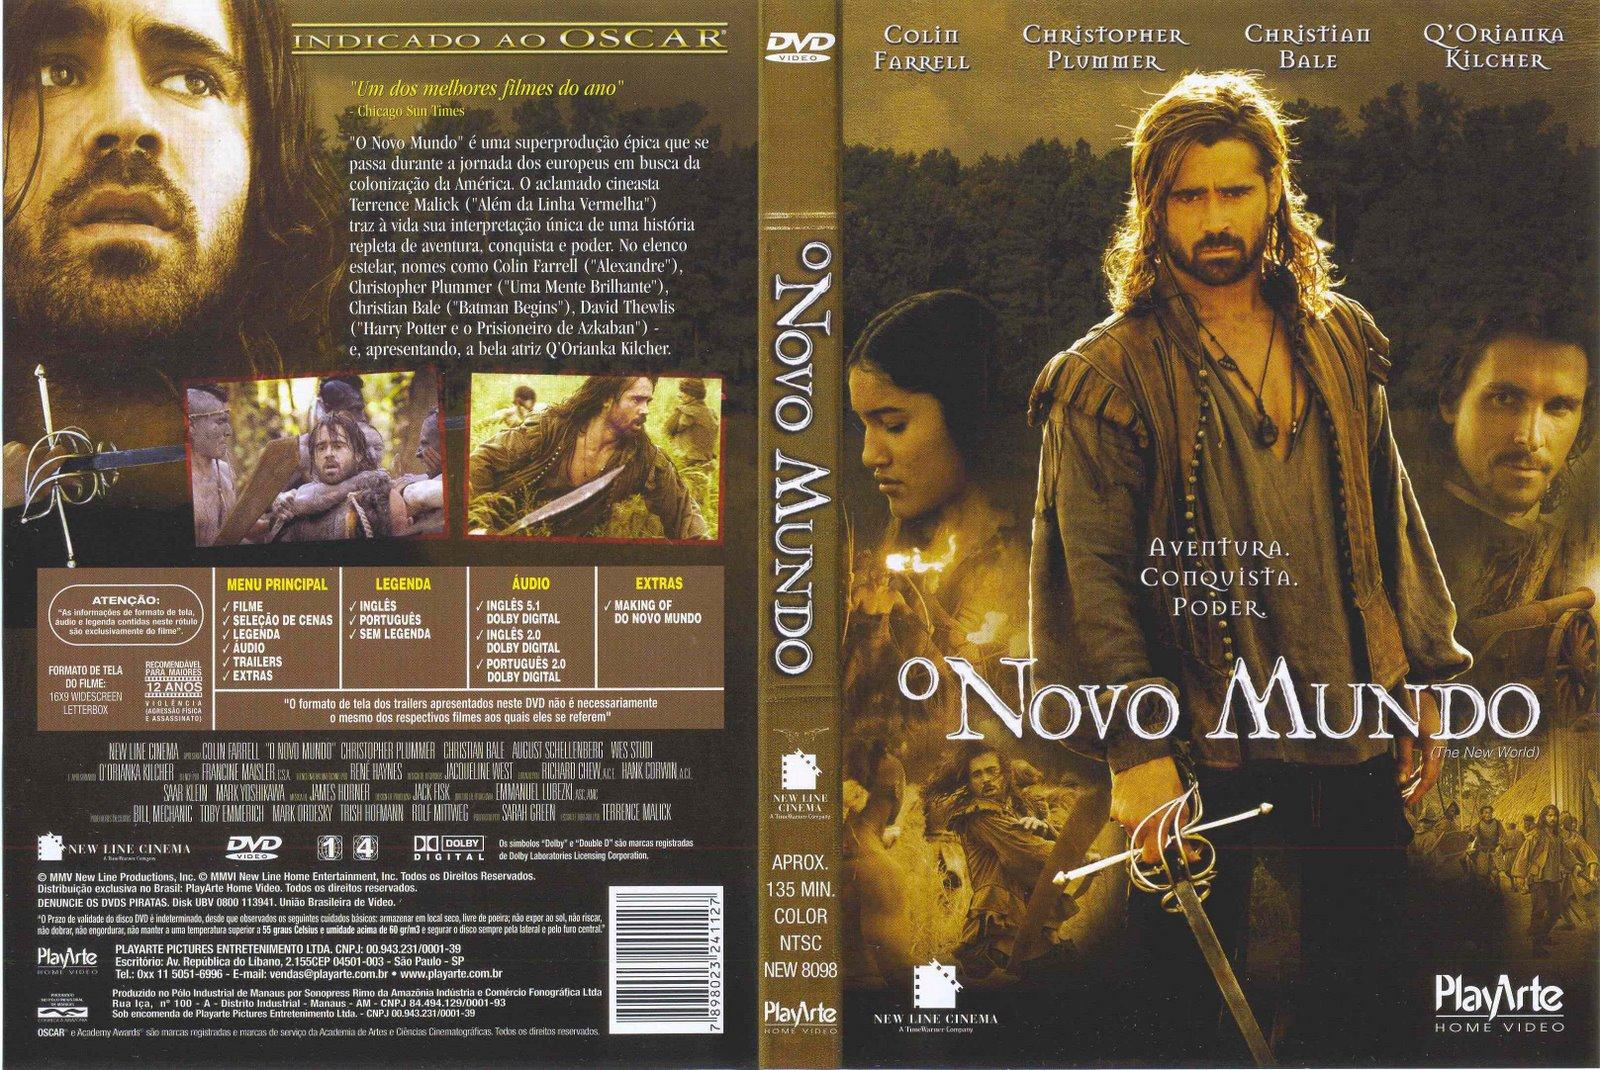 http://4.bp.blogspot.com/_JPjxEpEJxOE/TAxQM9gG6BI/AAAAAAAAAEM/TWTrjrpIT2Q/s1600/The_New_World_Brazilian_R4-%5Bcdcovers_cc%5D-front.jpg